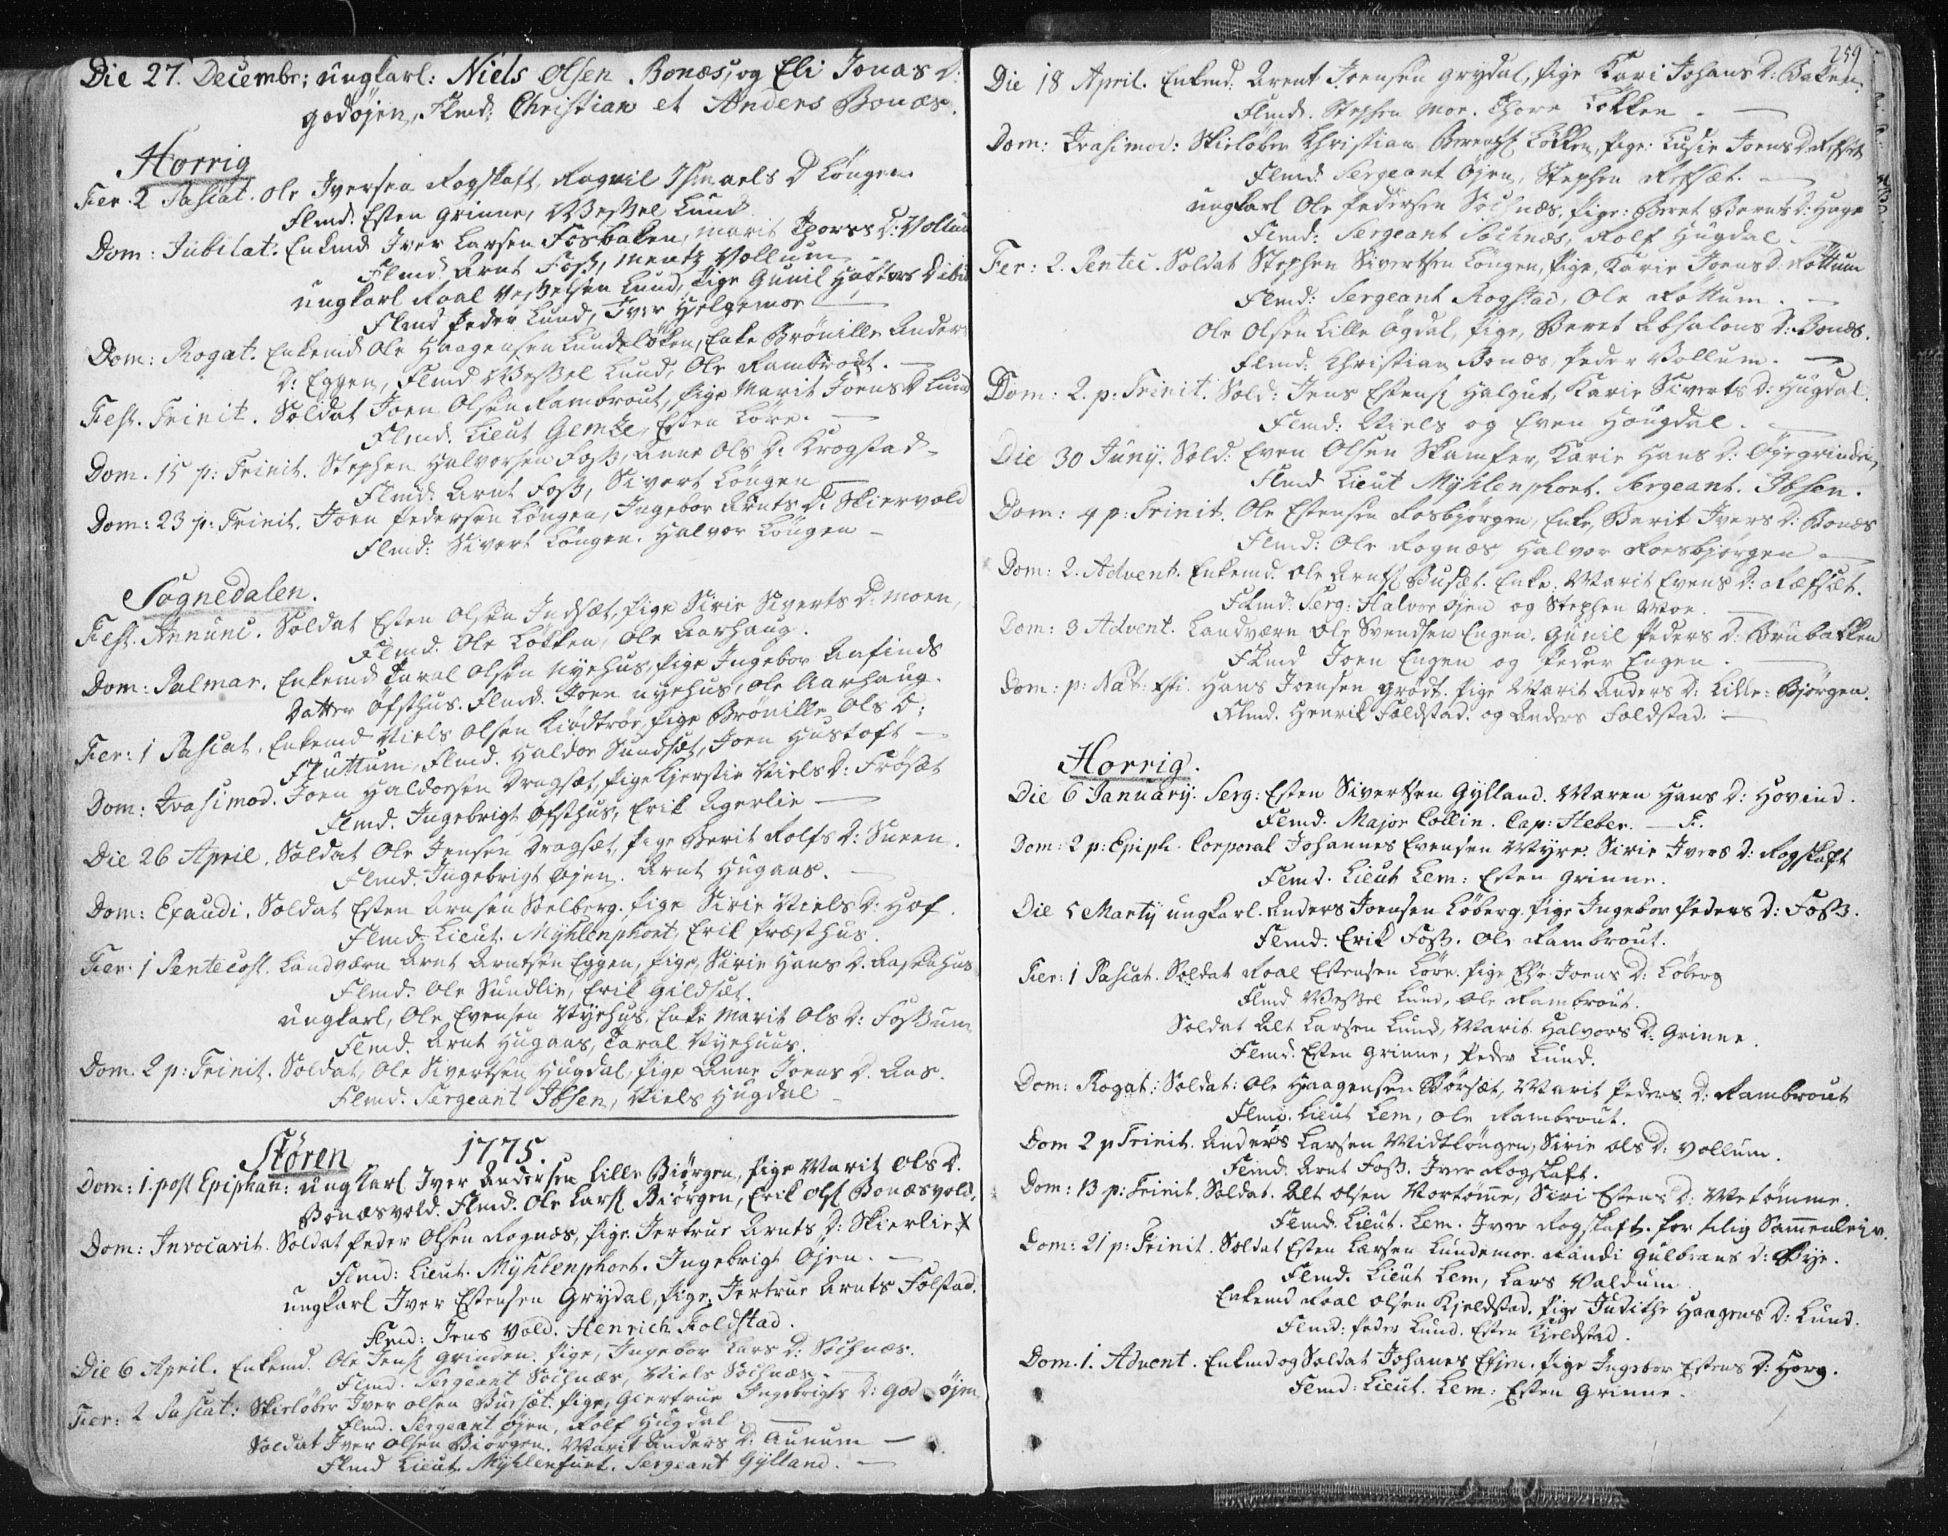 SAT, Ministerialprotokoller, klokkerbøker og fødselsregistre - Sør-Trøndelag, 687/L0991: Ministerialbok nr. 687A02, 1747-1790, s. 259